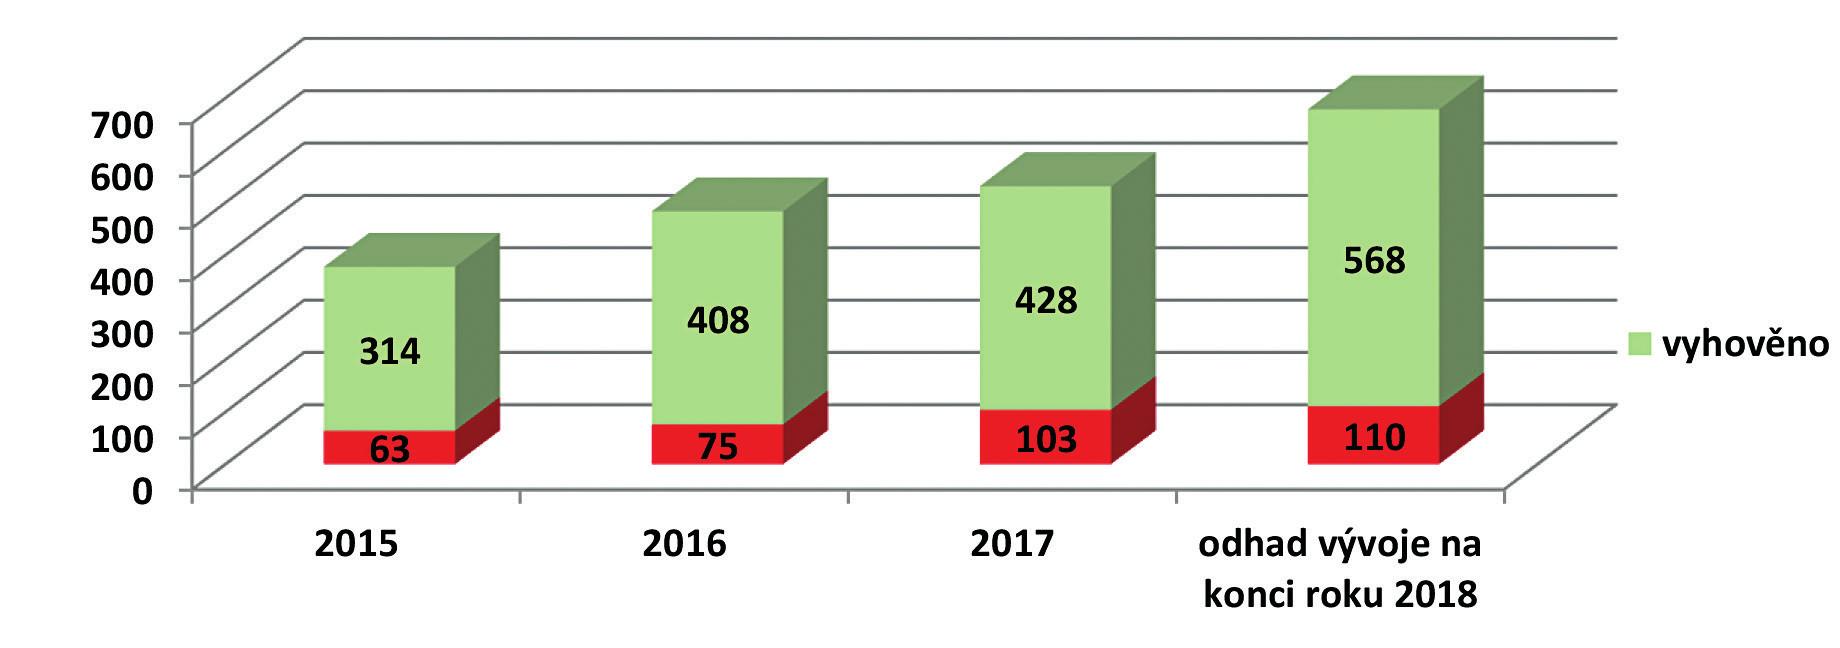 Vývoj počtu a výsledku posouzení zdravotního stavu pro C50 pro účely prodloužení výplaty nemocenského po uplynutí podpůrčí doby